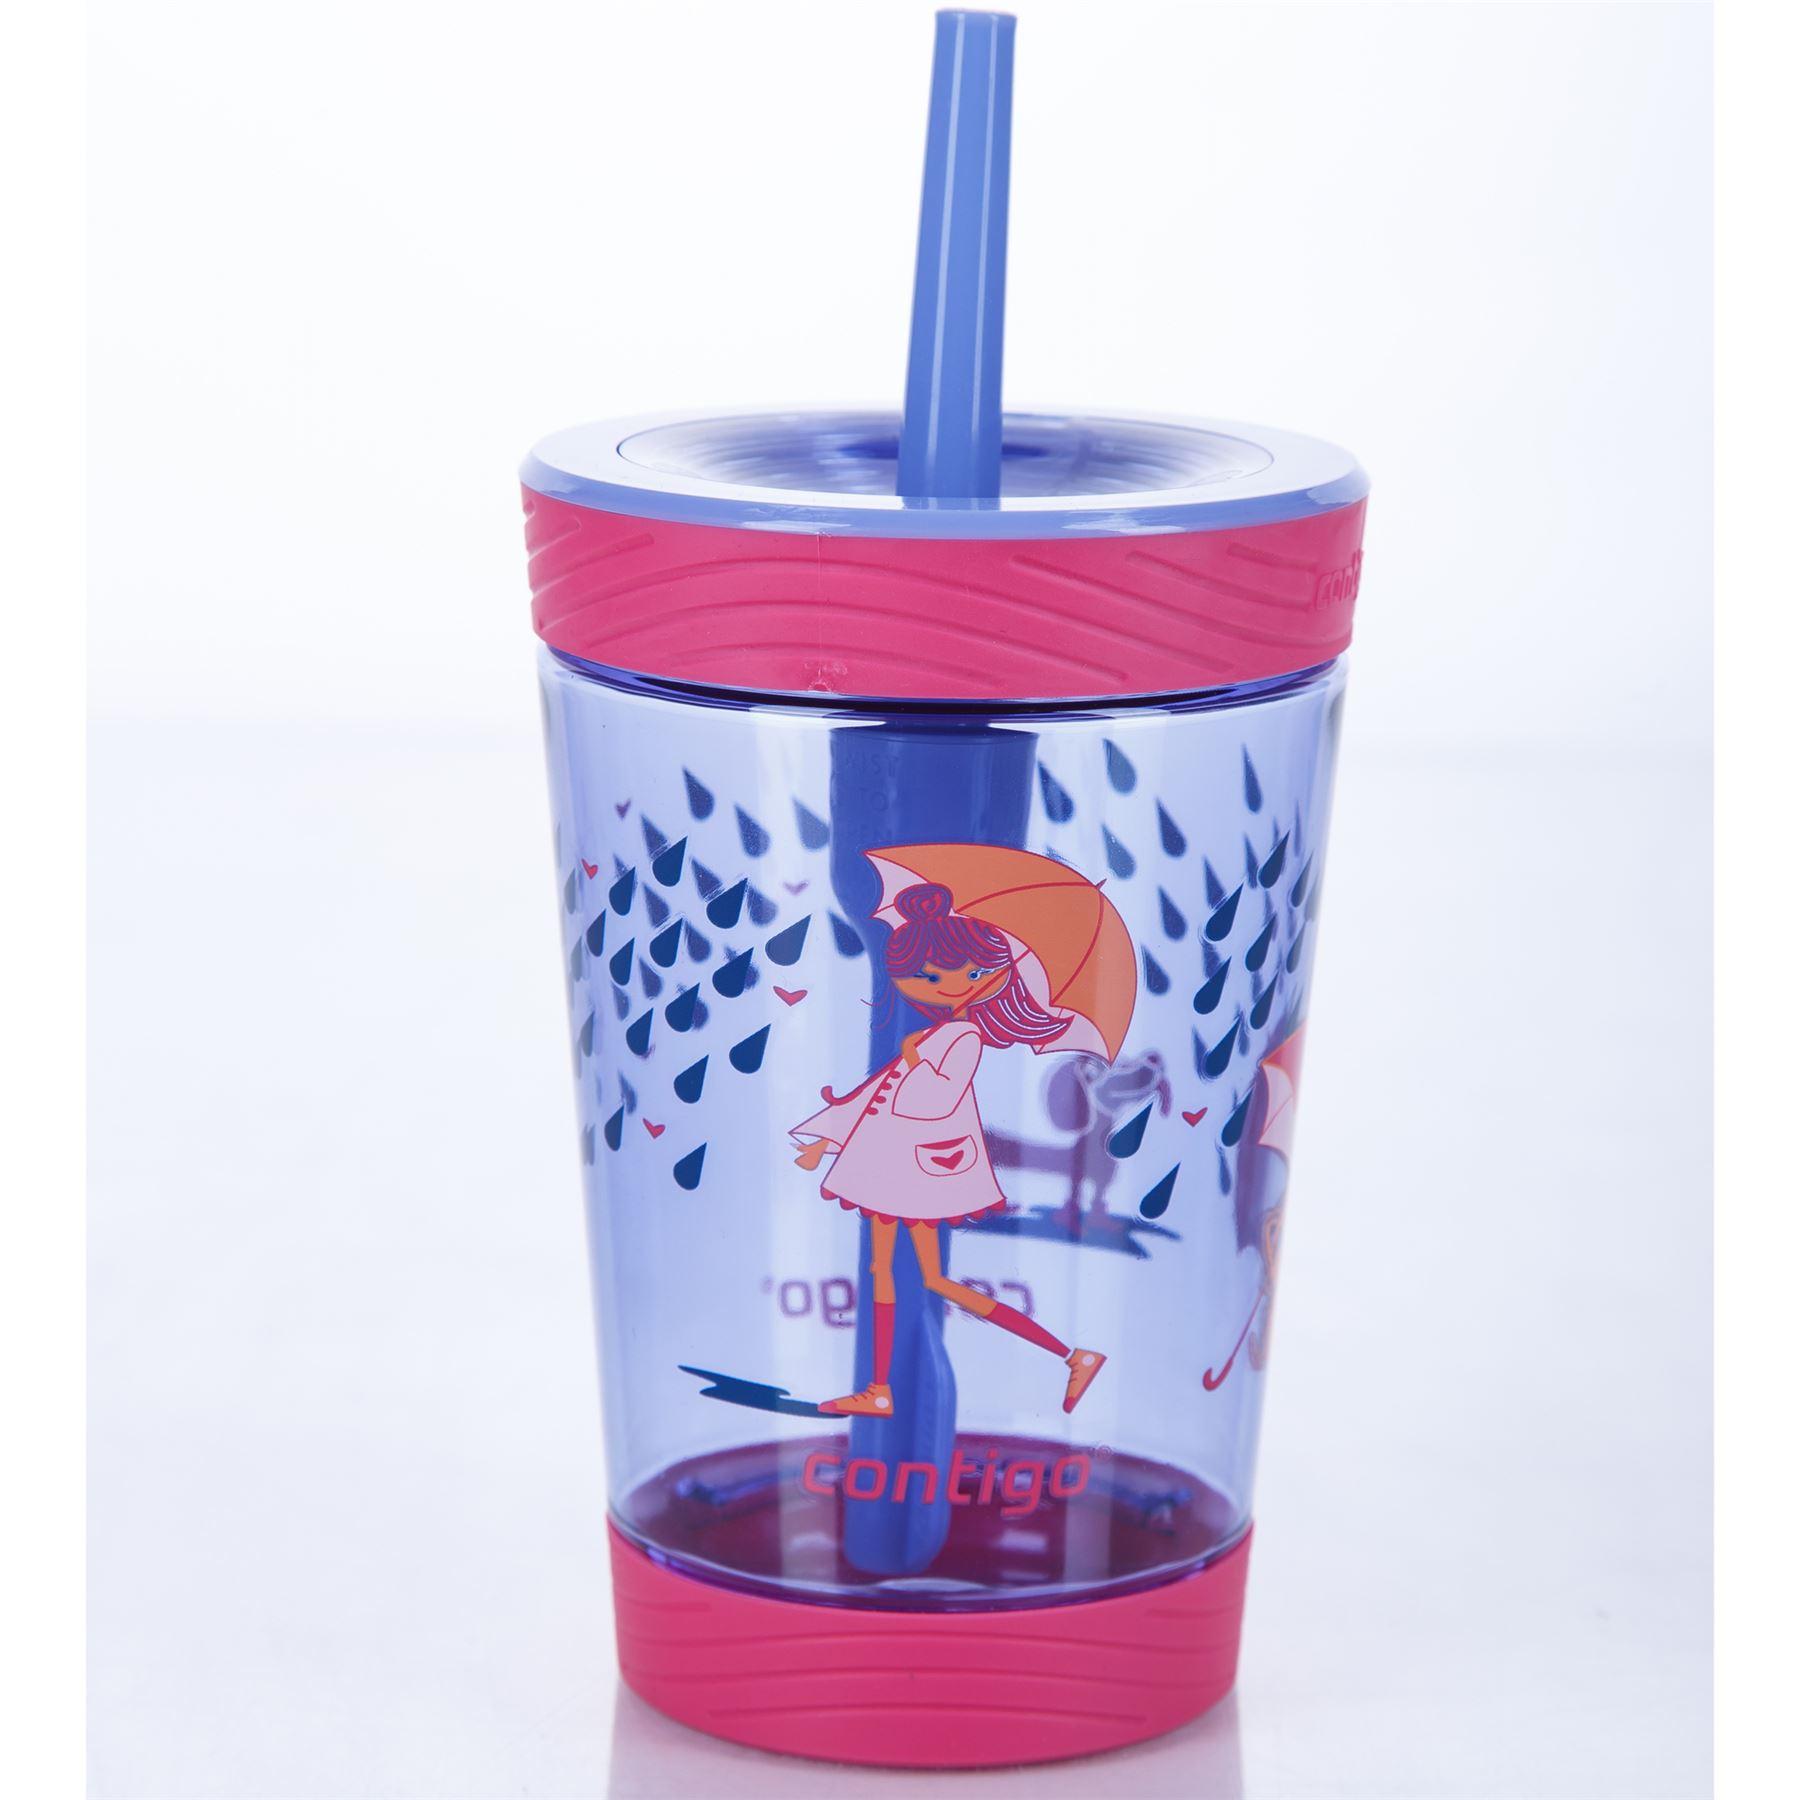 Contigo-Kids-039-Spill-Proof-Tumbler-boissons-bouteille-d-039-eau-avec-paille-BPA-Free-420-ml miniature 7